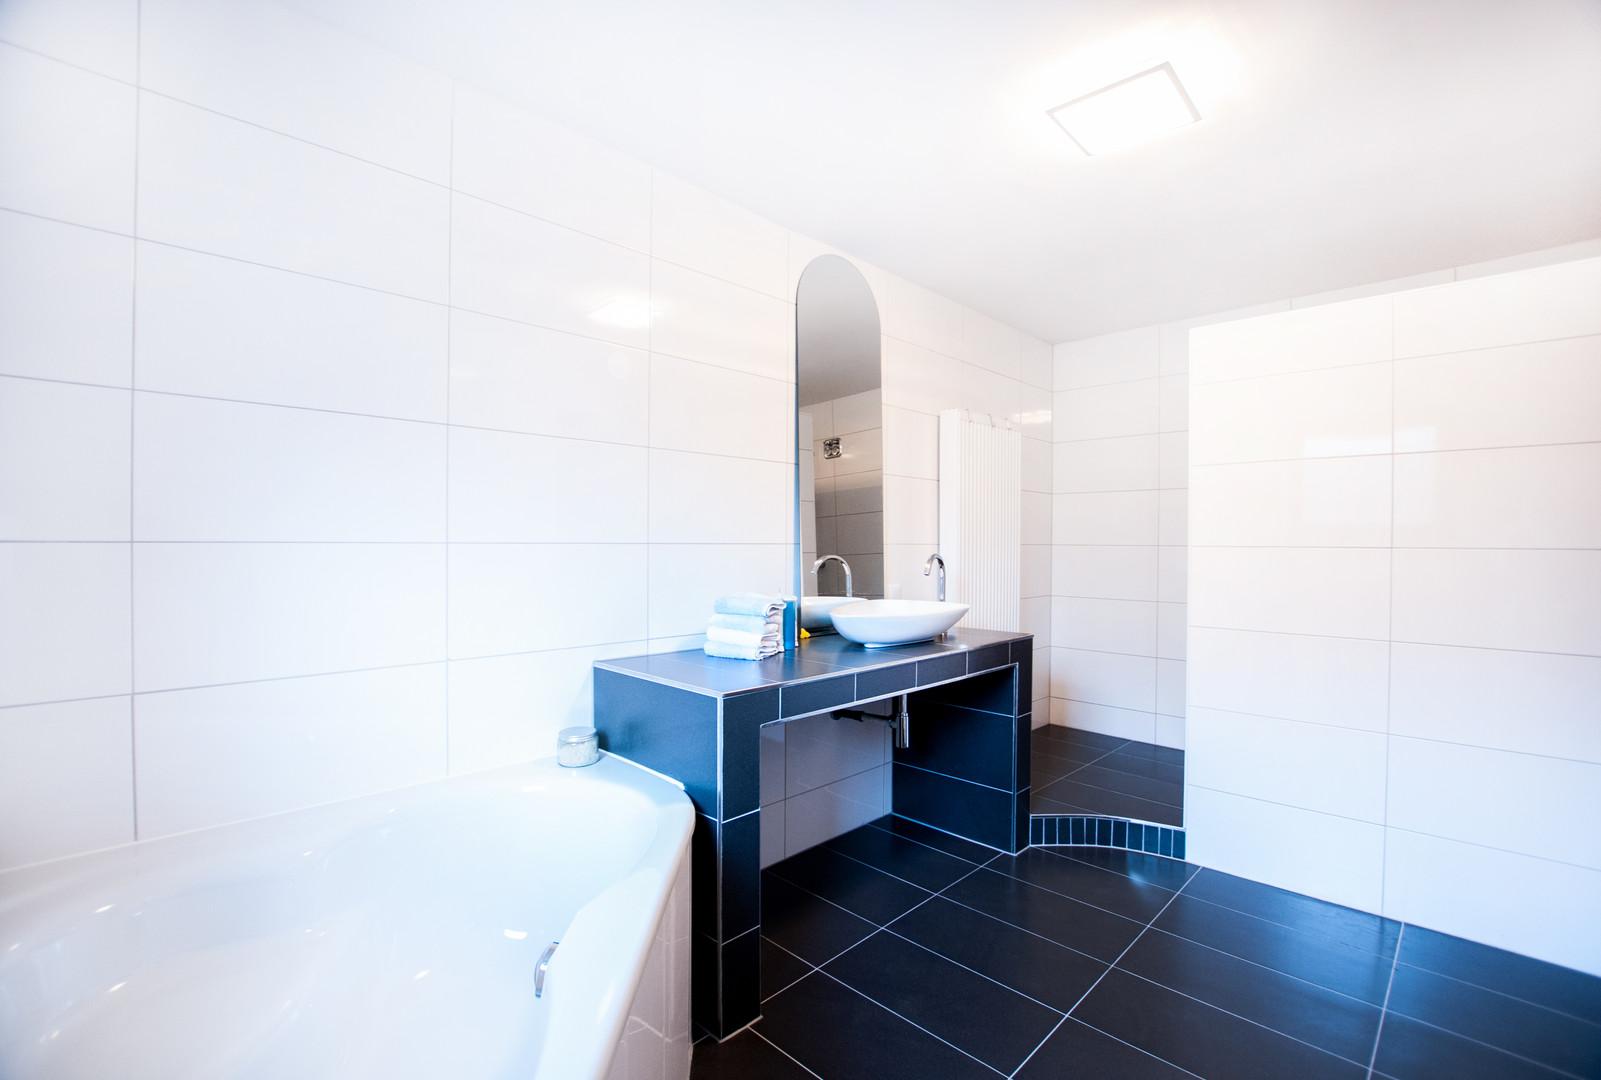 Badezimmer der Wohnung im Untergeschoss